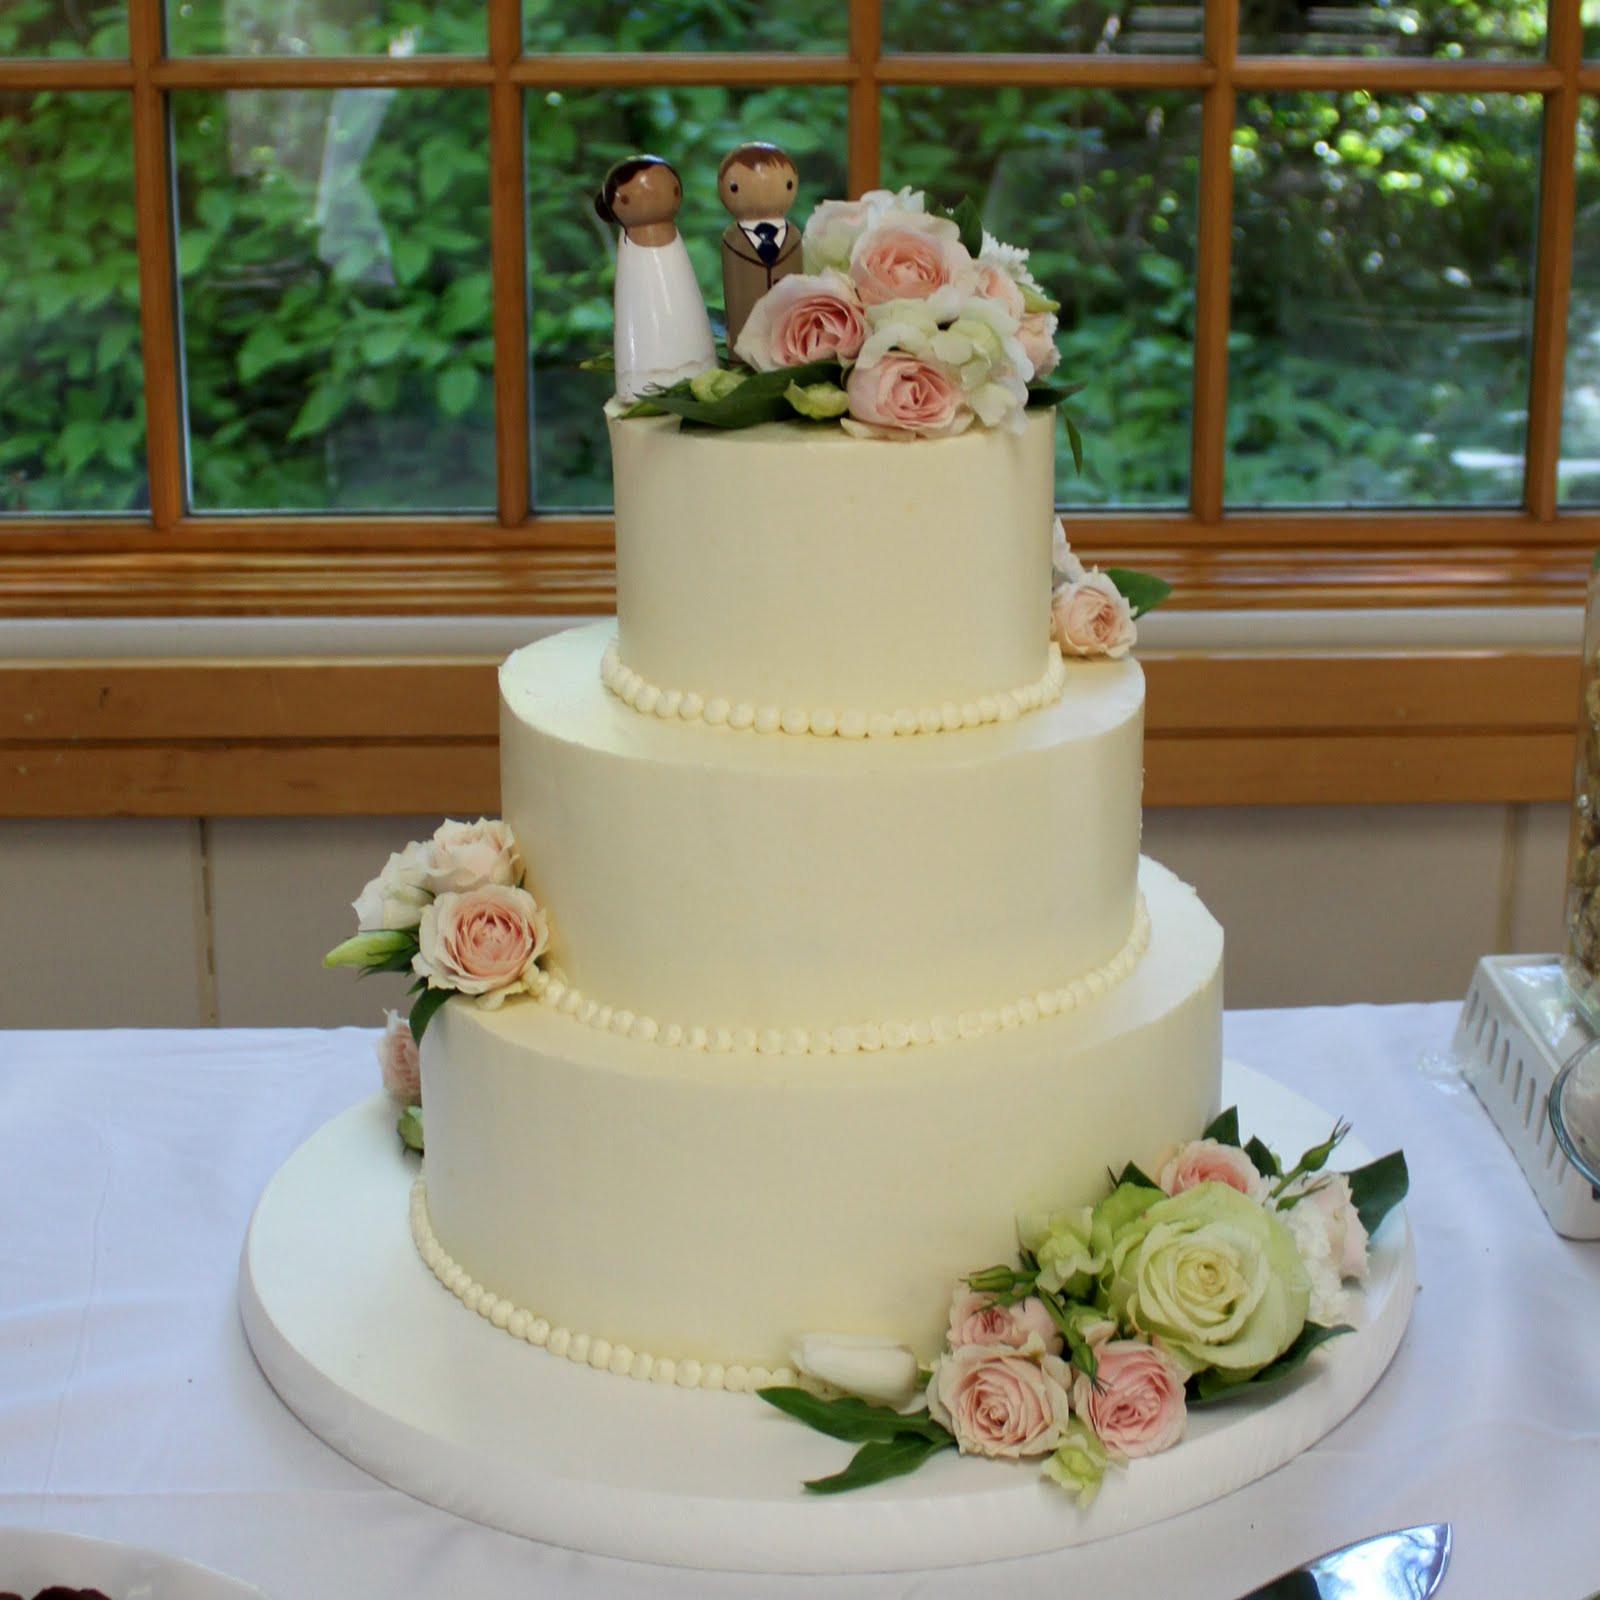 Fresh Flowers On Wedding Cakes  Memorable Birthday Cake Flower Arrangement Flower